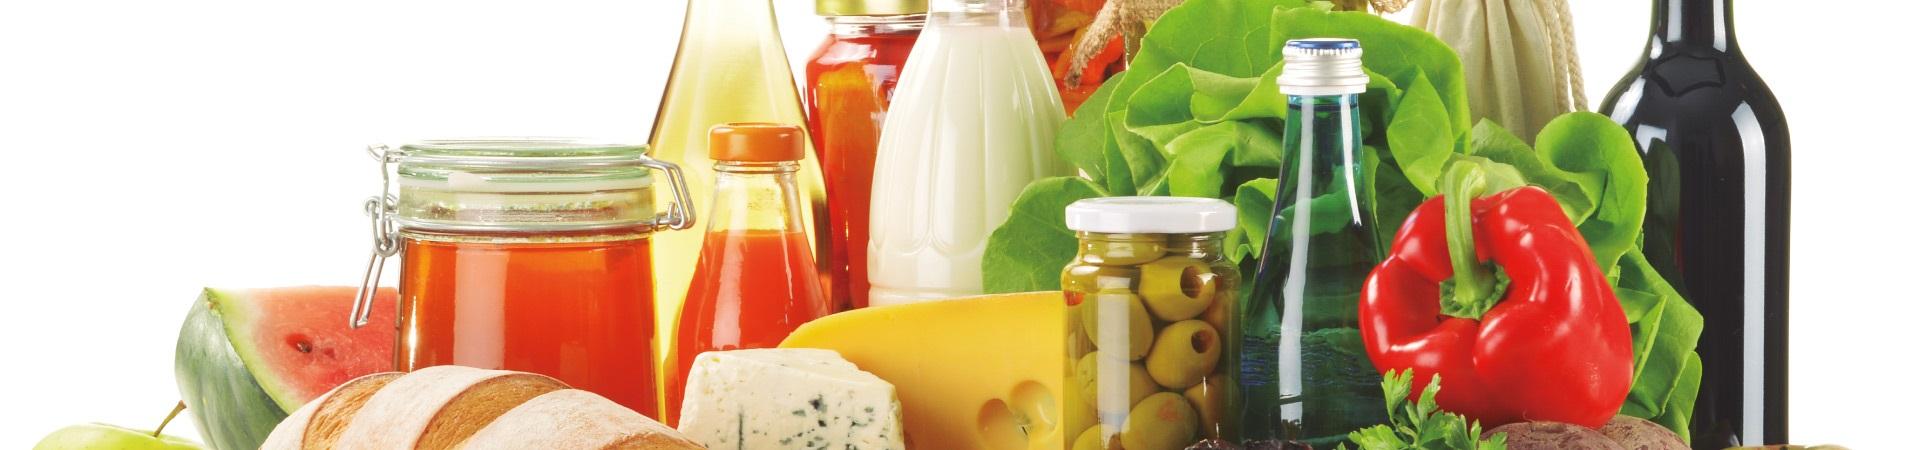 banner de topo - Microbiologia de alimentos